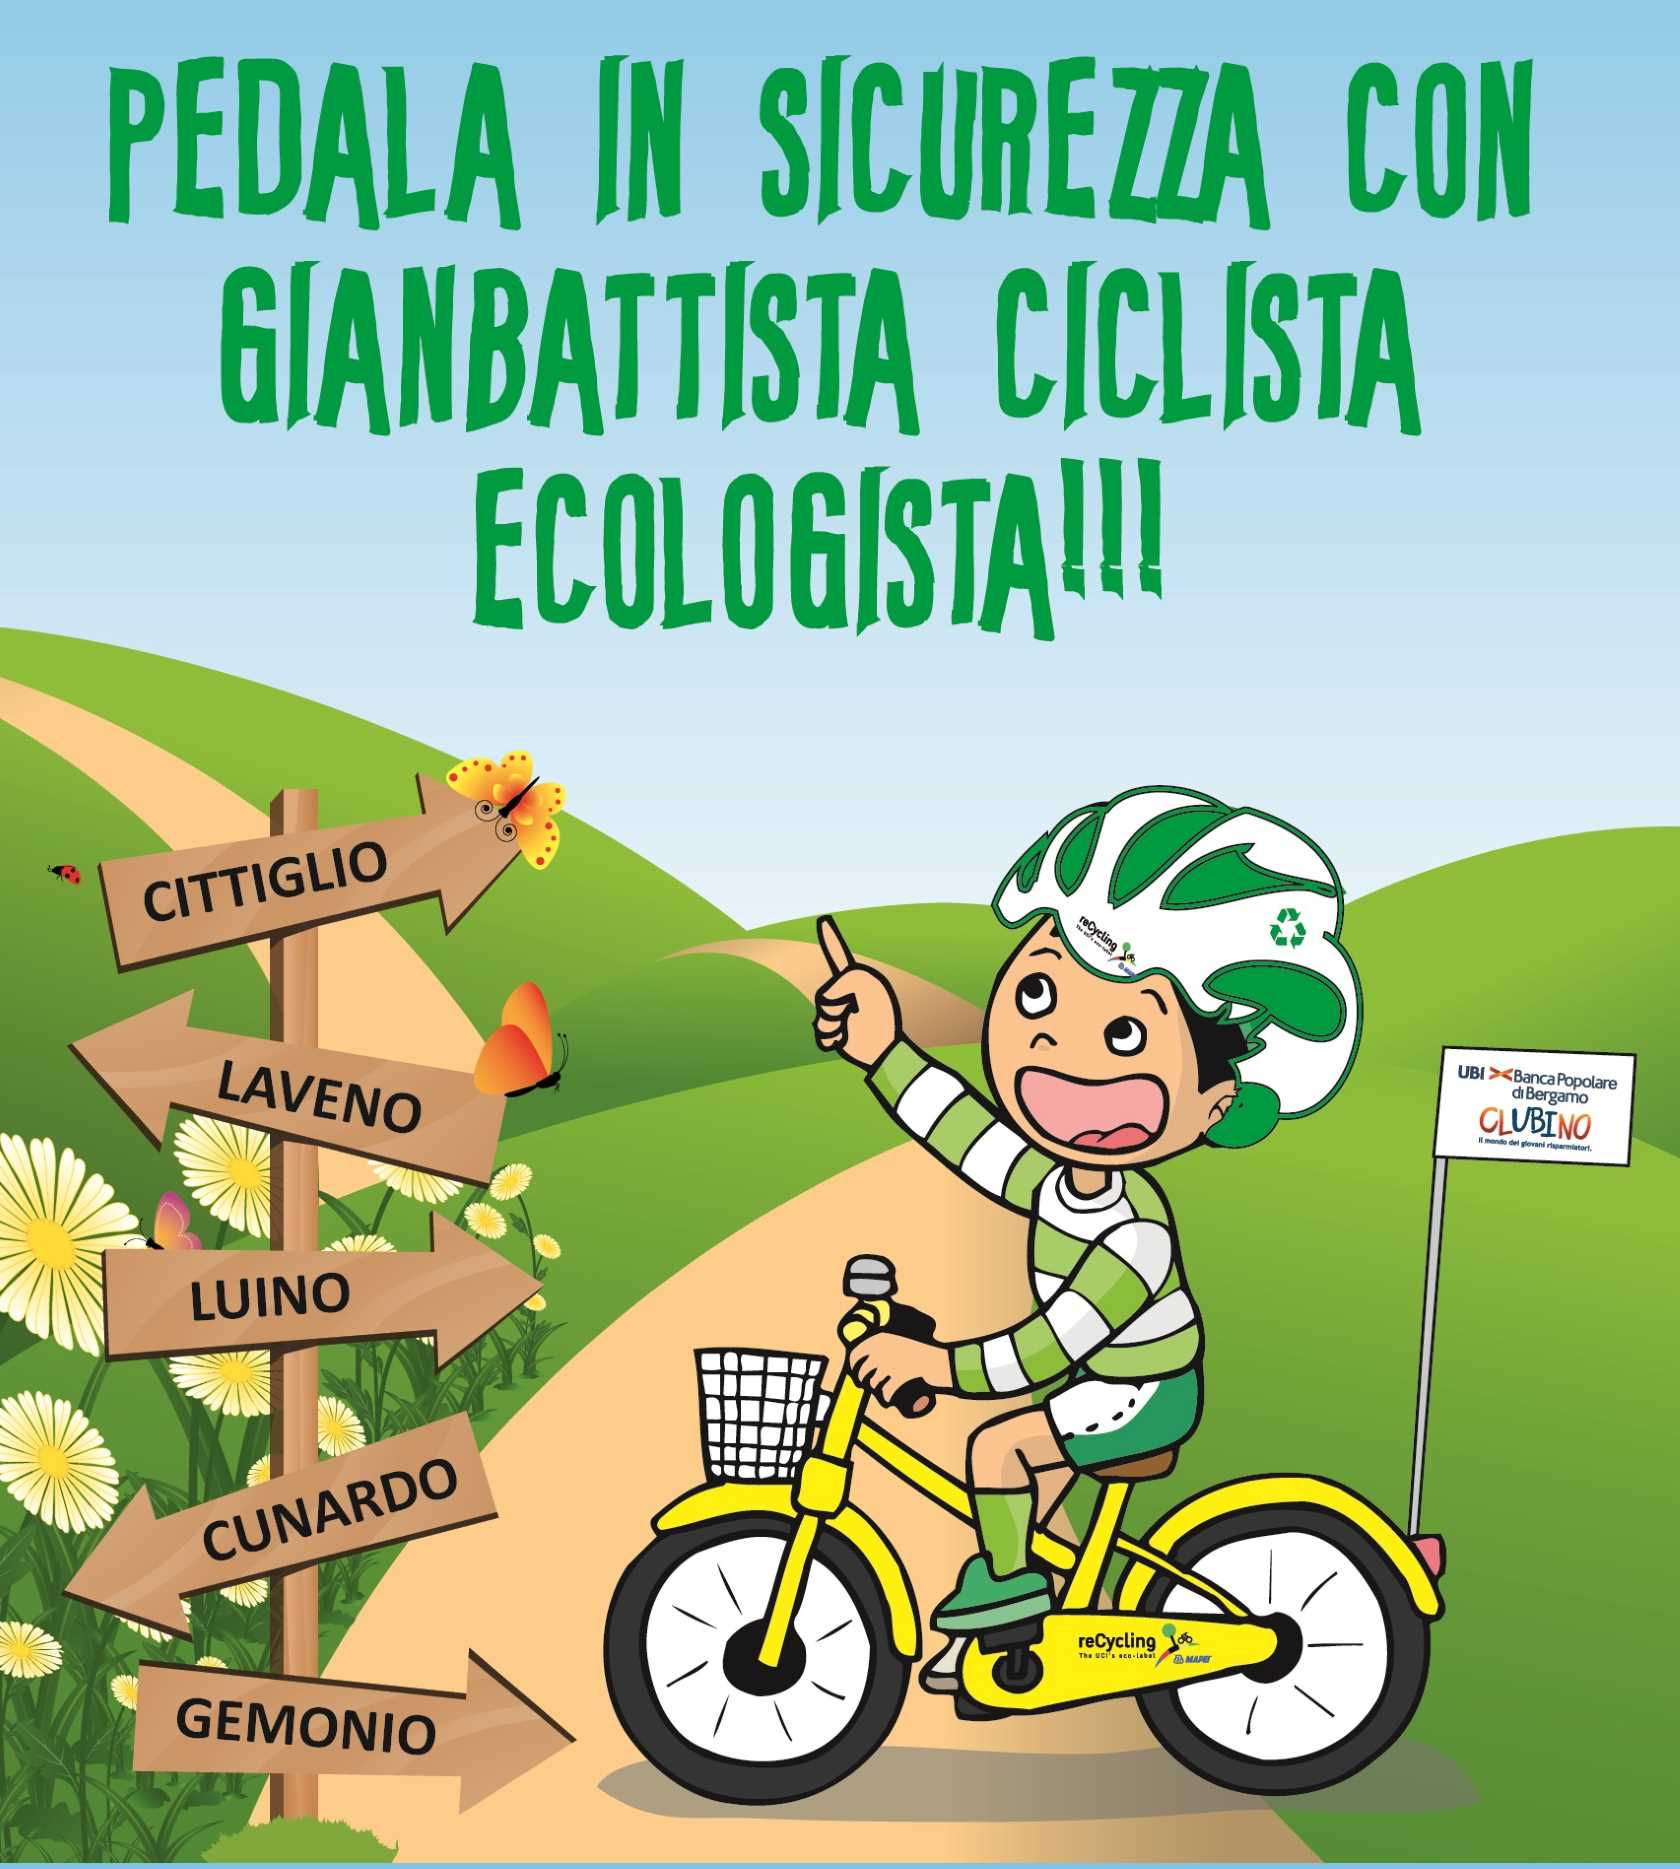 """<!--:it-->Mercoledì a Cittiglio appuntamento con """"Pedala, Pedala… in Sicurezza!""""<!--:--><!--:en-->Wednesday in Cittiglio: """"Cycle, Cycle… Safely!""""<!--:-->"""